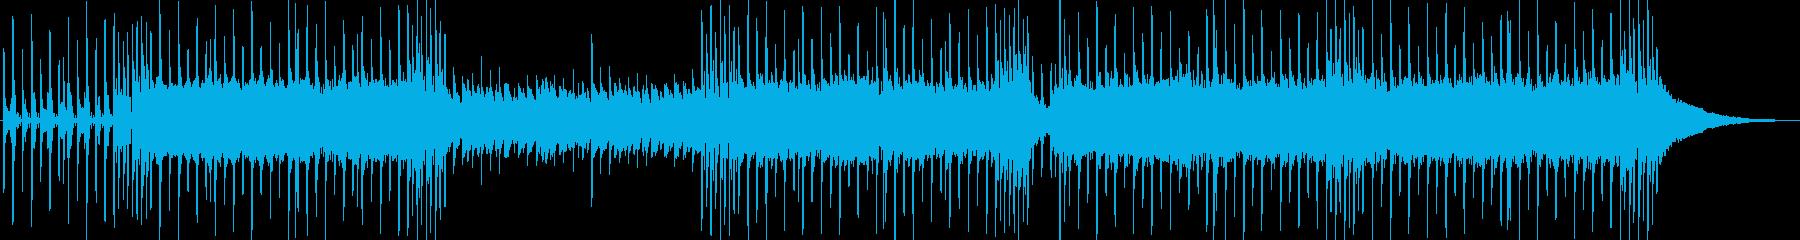 代替ポップロックインストゥルメンタ...の再生済みの波形